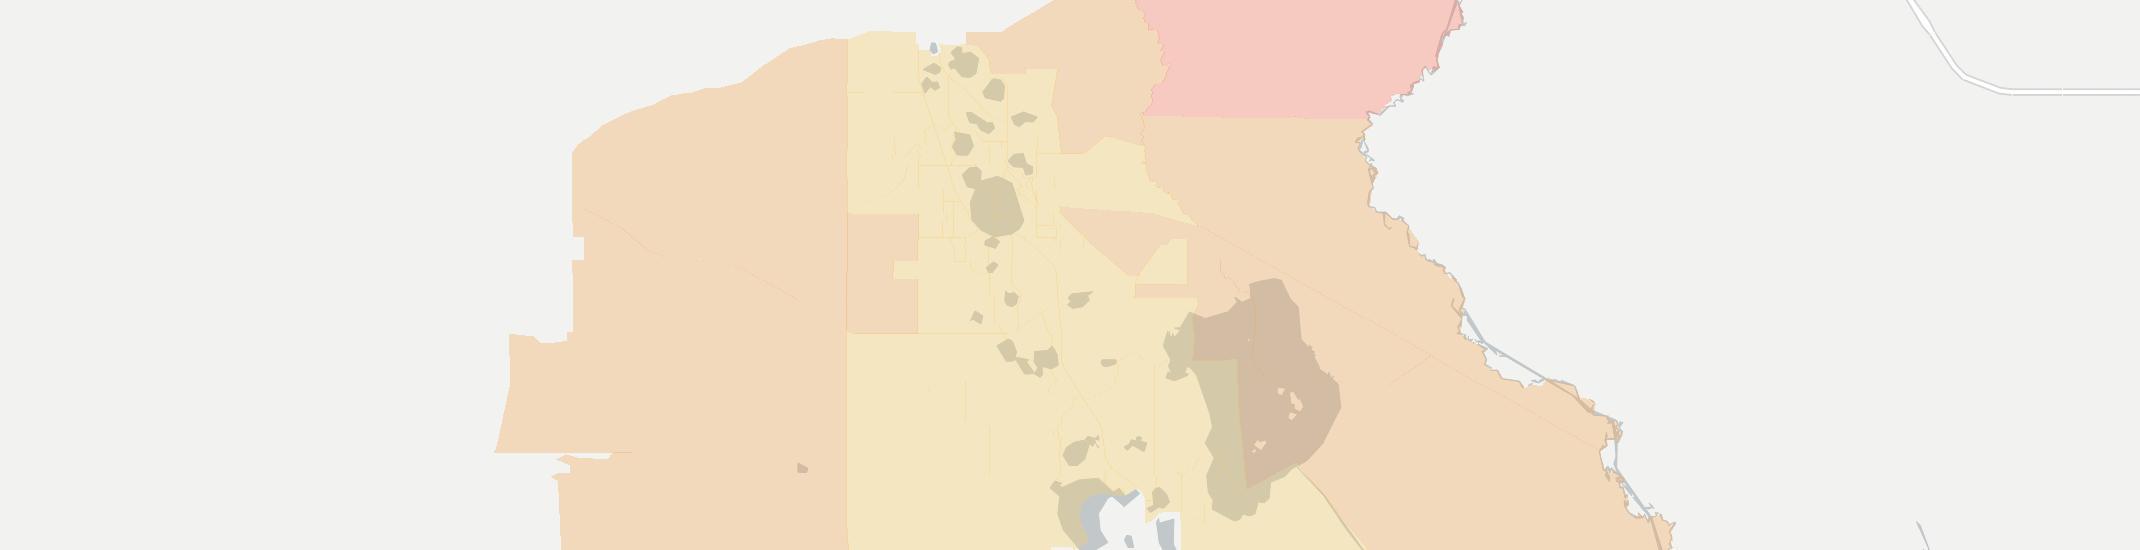 Internet Providers In Sebring Fl Compare 14 Providers